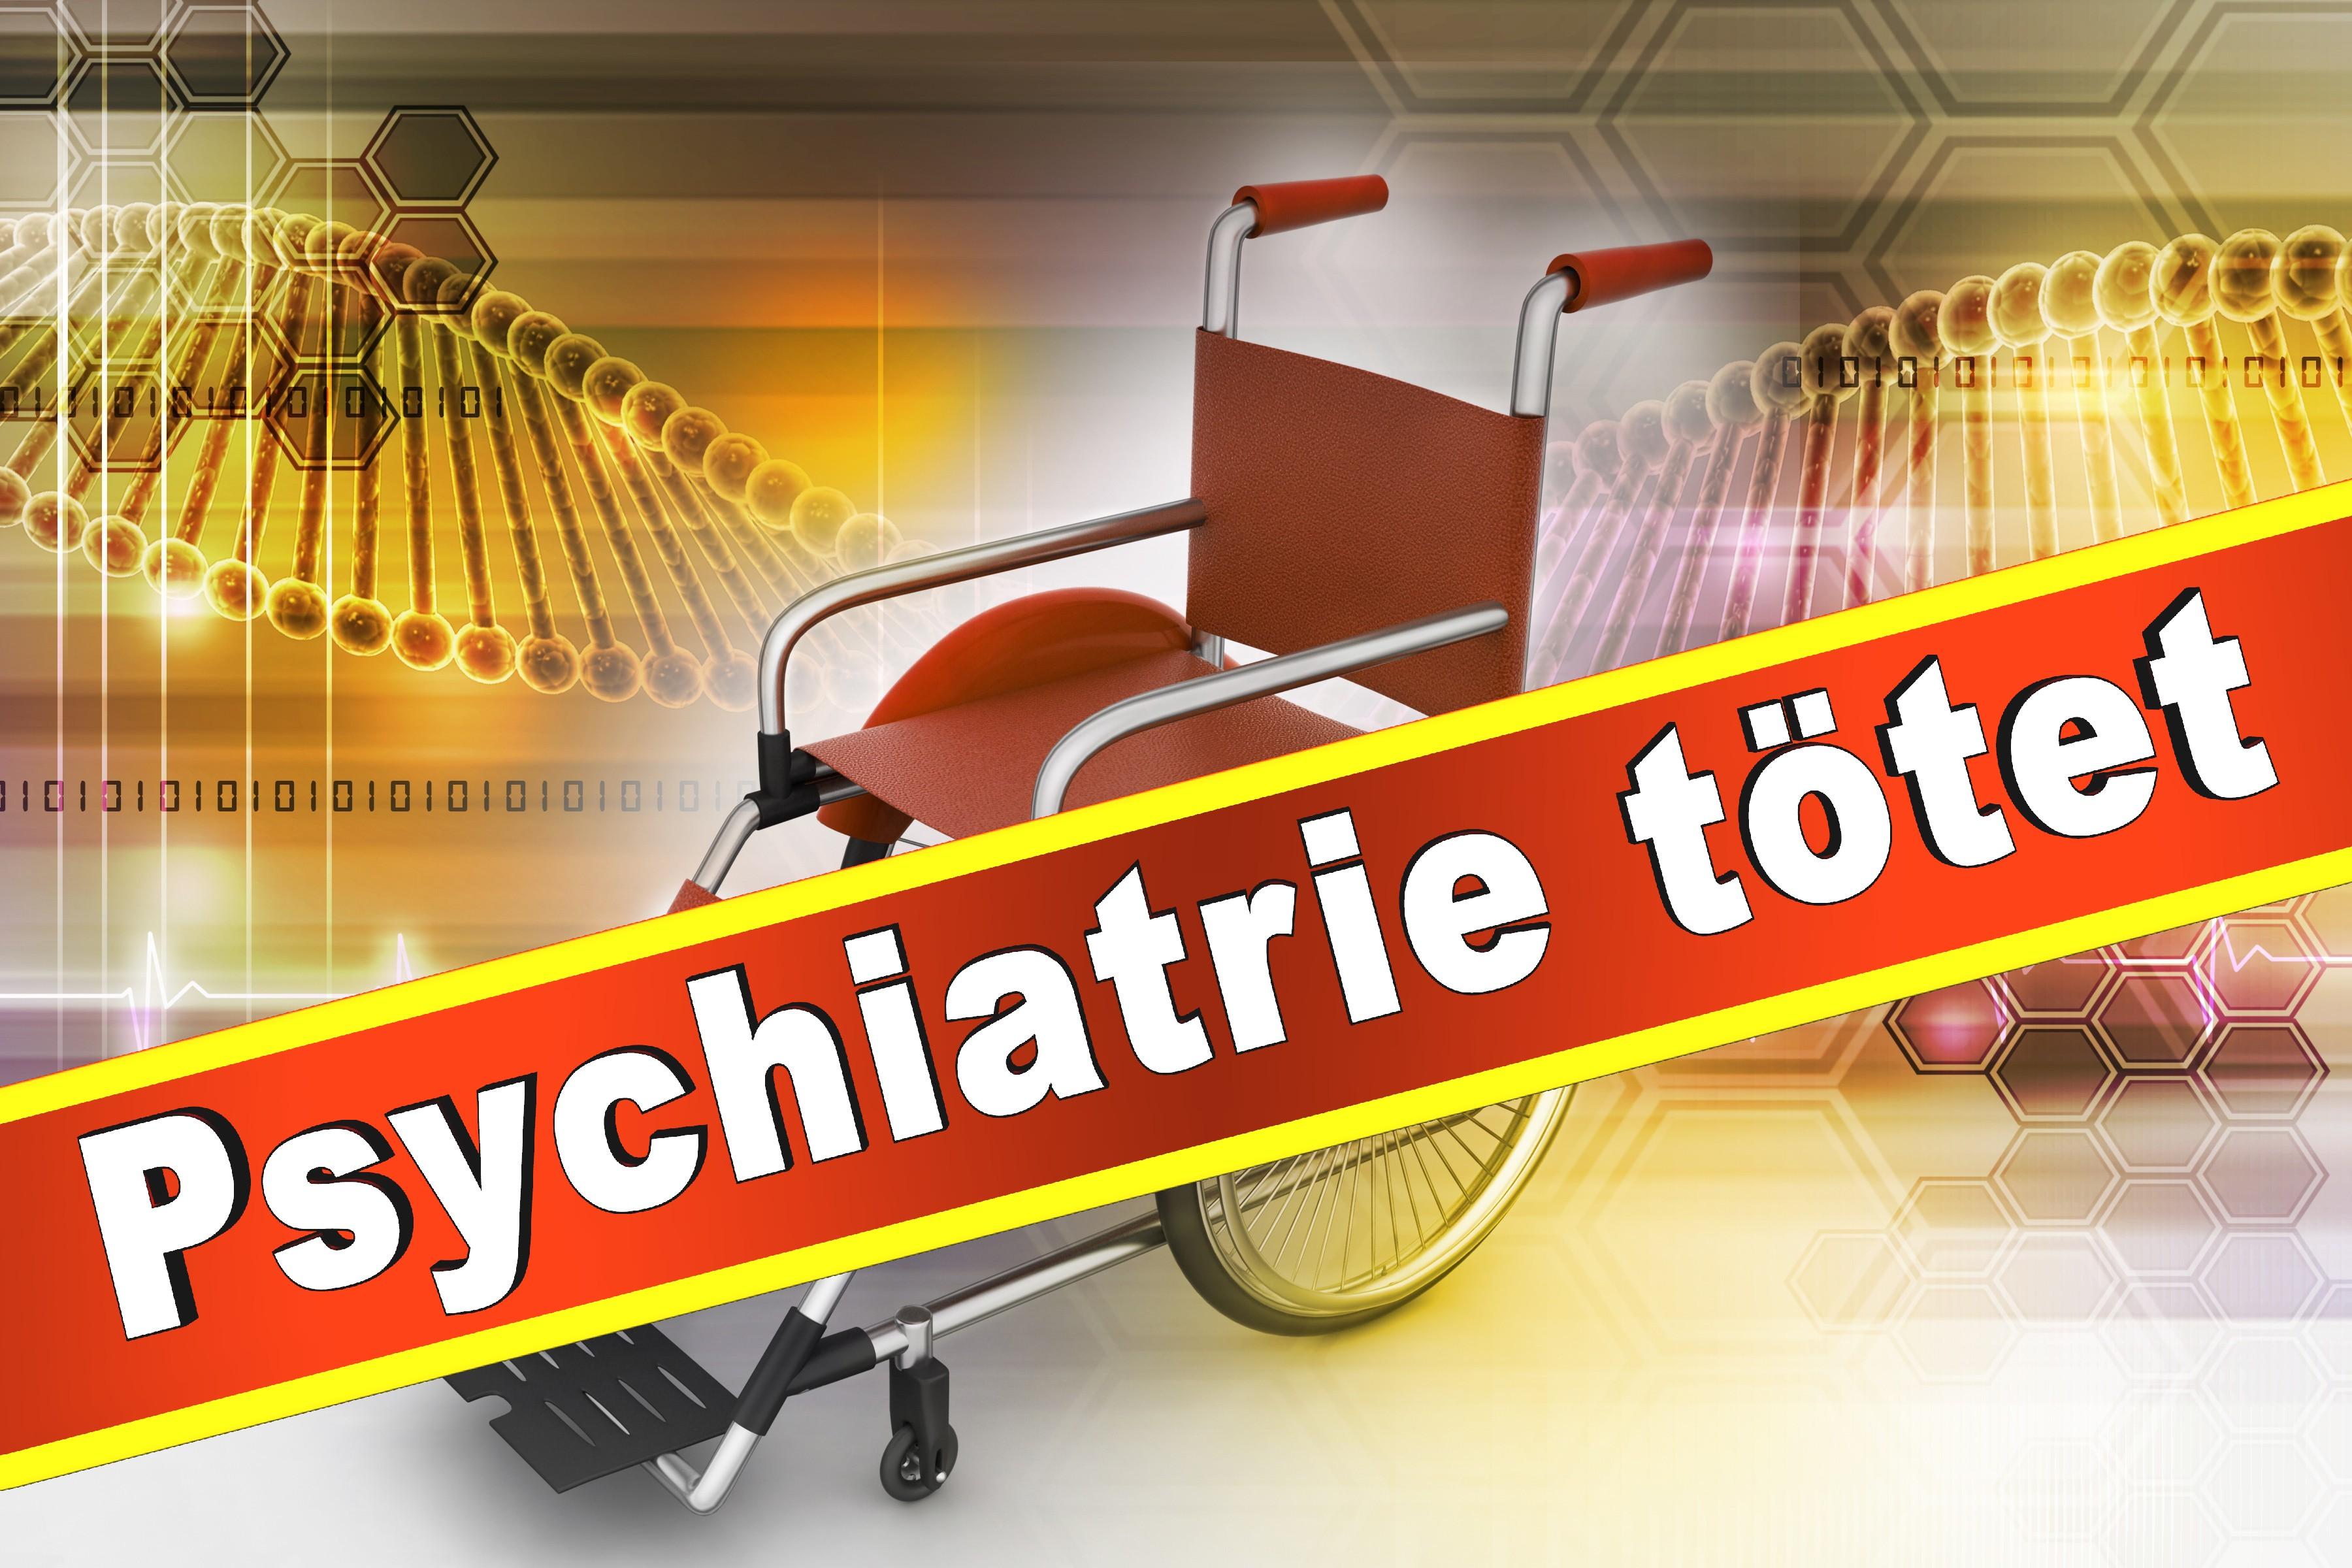 Carl Ernst Von Schönfeld Tagesklinik Psychiatrie Tod Bethel Psychiater Korruption Gift Zwangspsychiatrie Unterbringung (11)